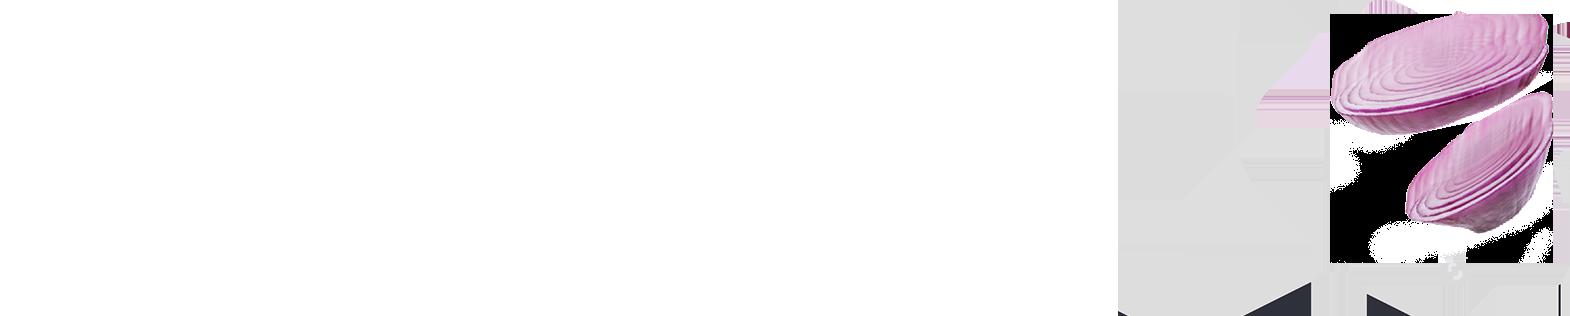 ceboka